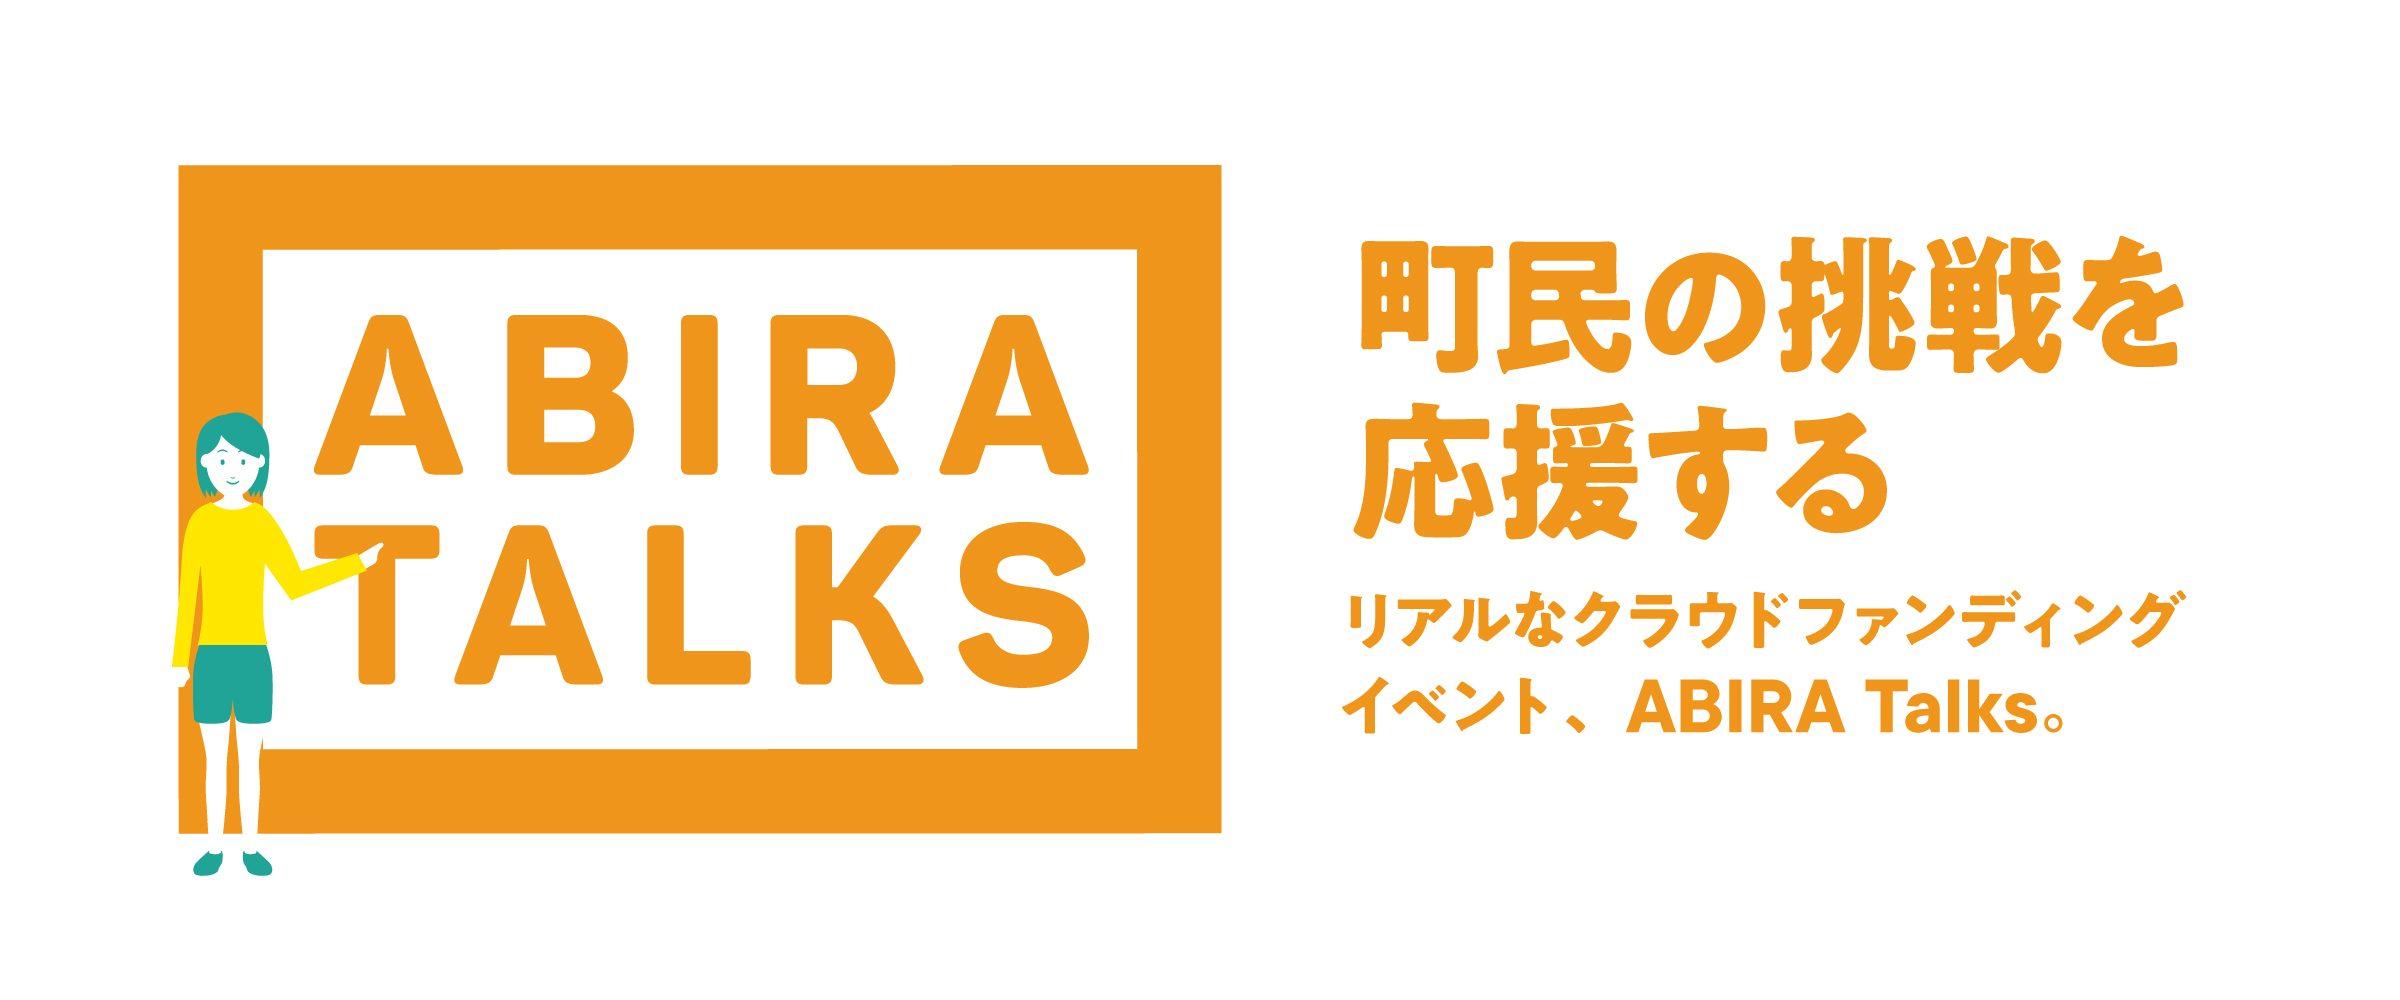 ABIRA TALKS